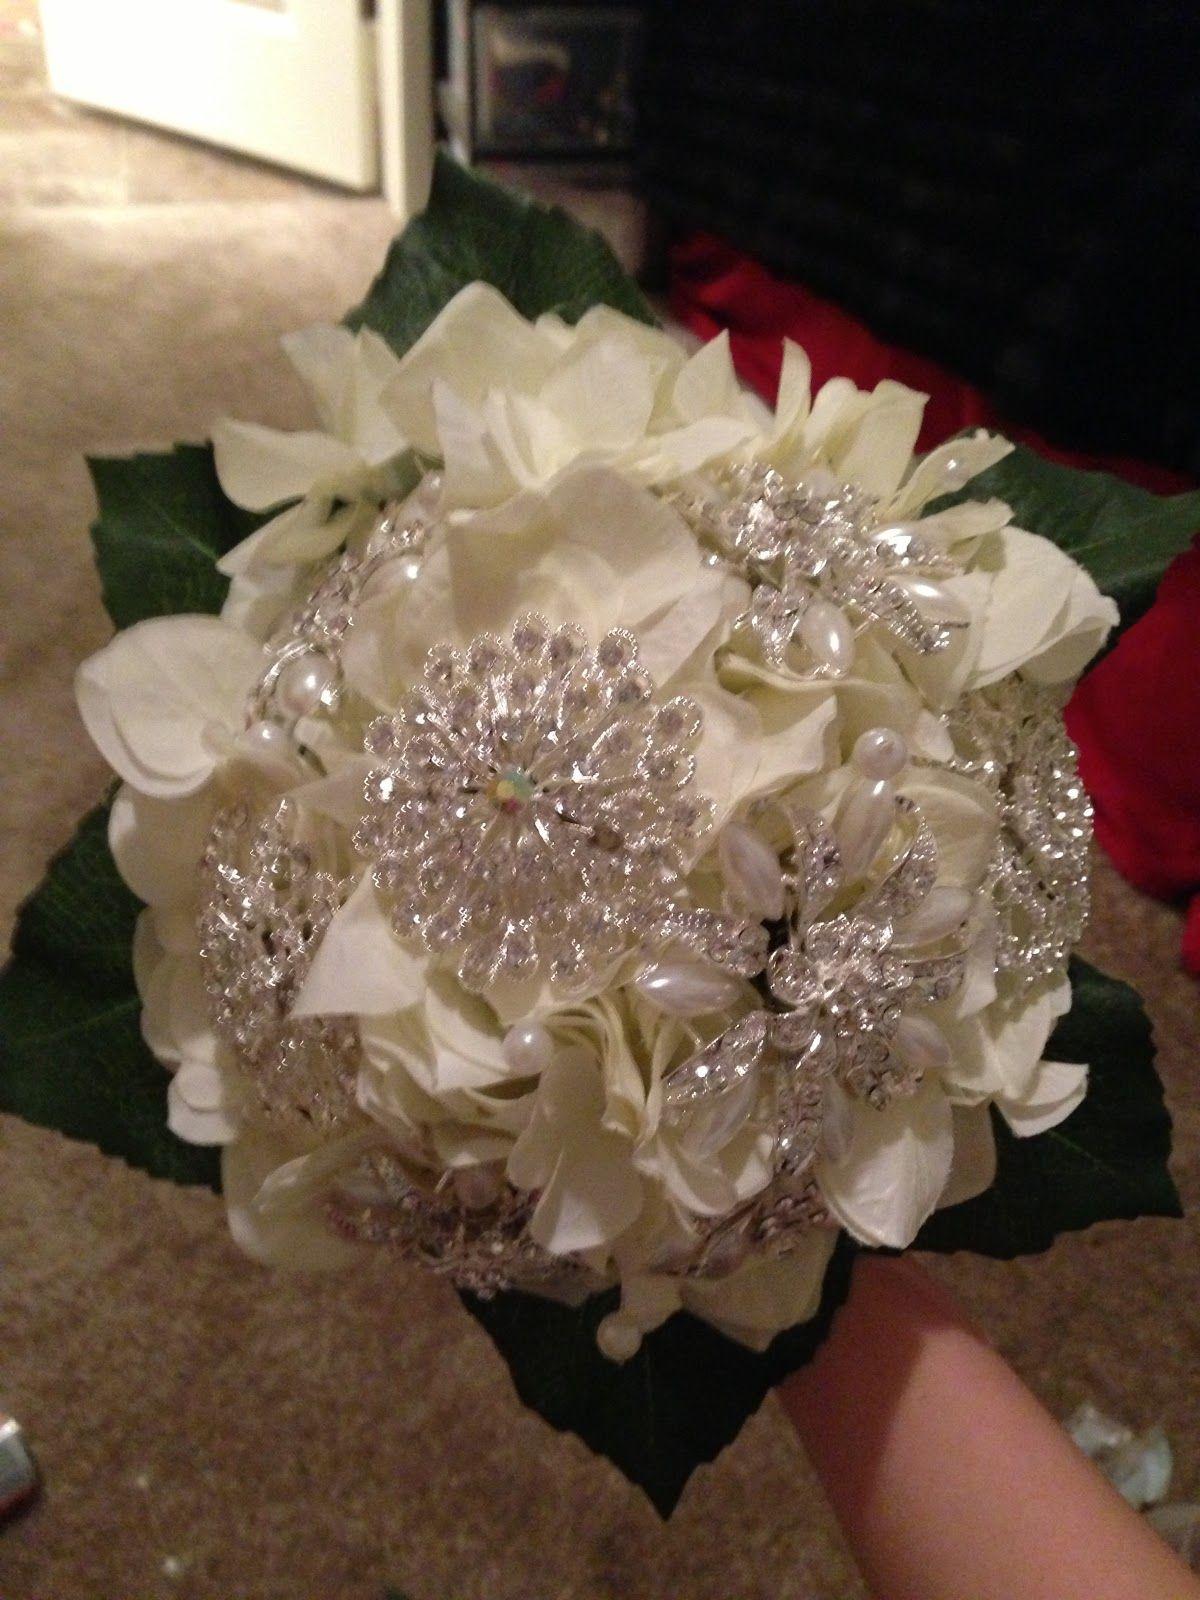 DIY Wedding Brooch Bouquet Diy wedding bouquet, Diy